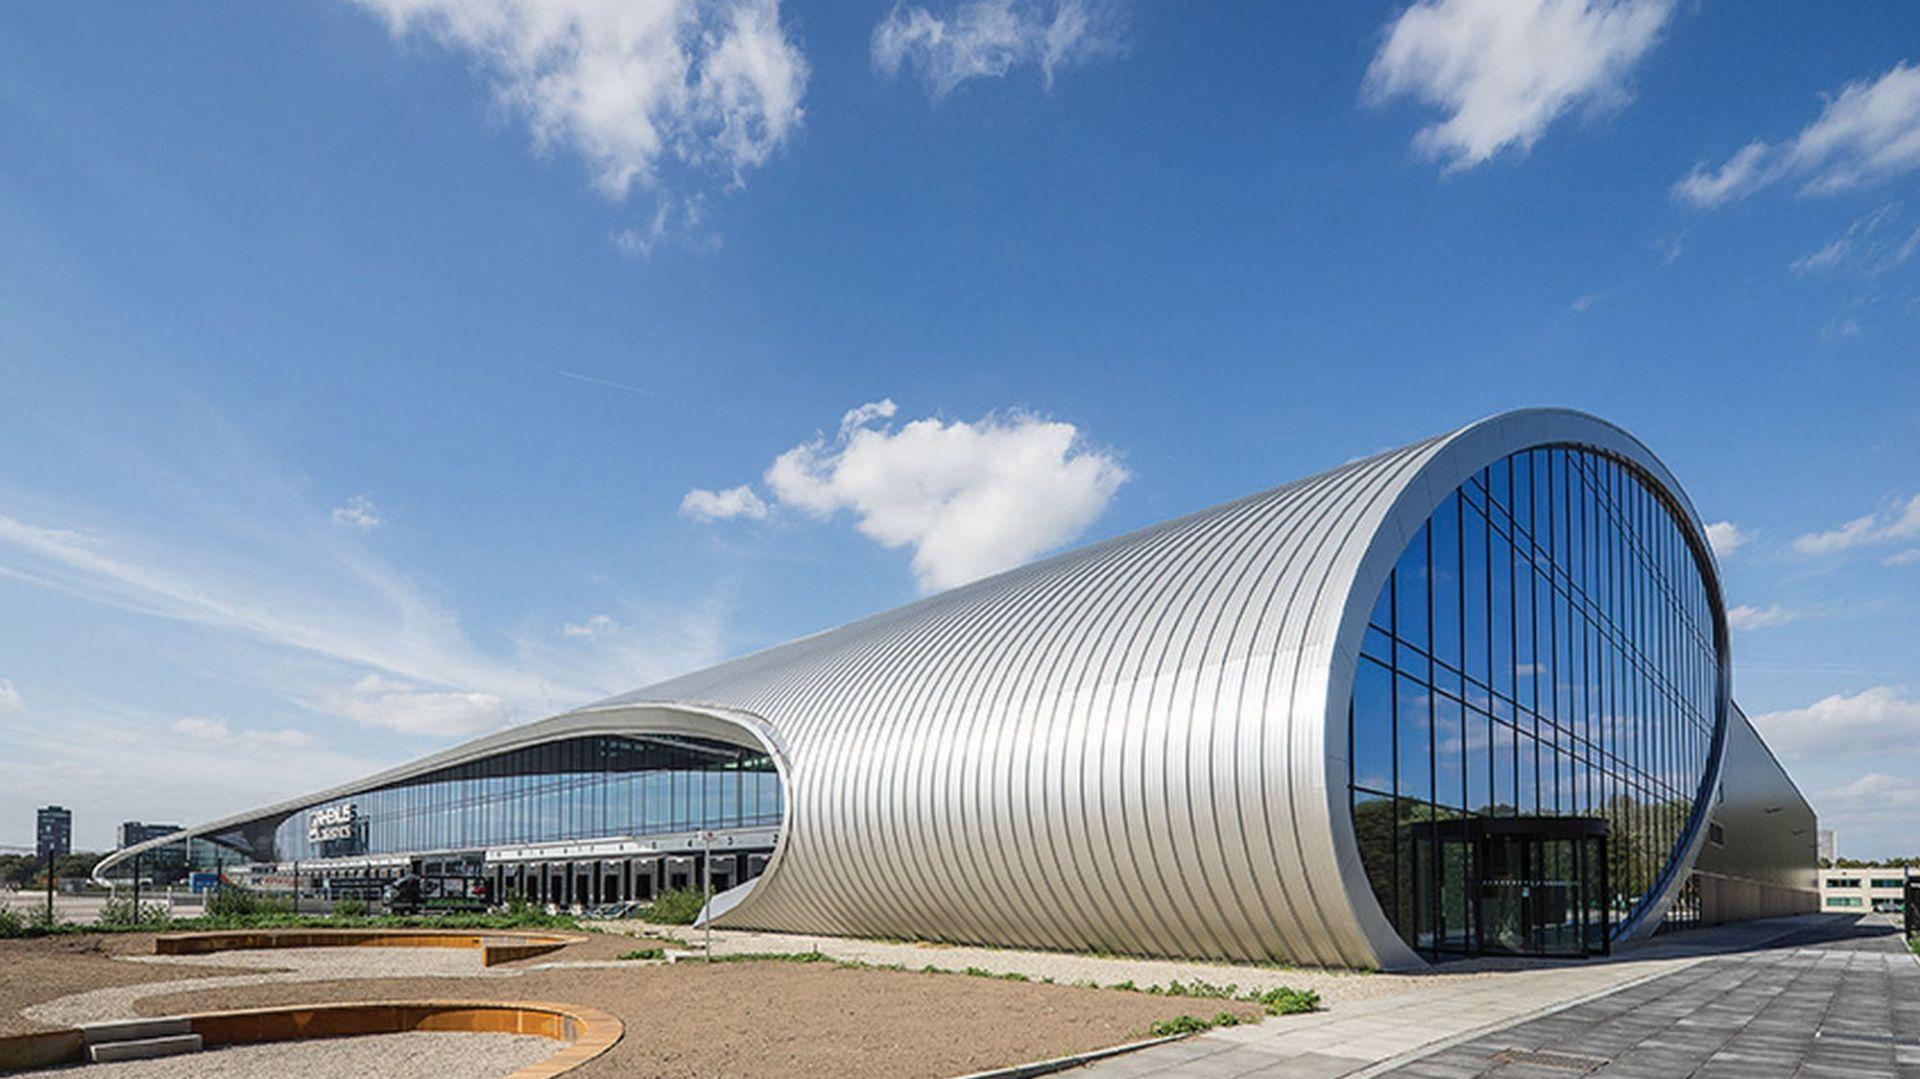 Futurystyczne projekty architektoniczne -  DC New Logic III w Tilburg w Holandii  Fot. Jan Willem Schouten Jaws Media